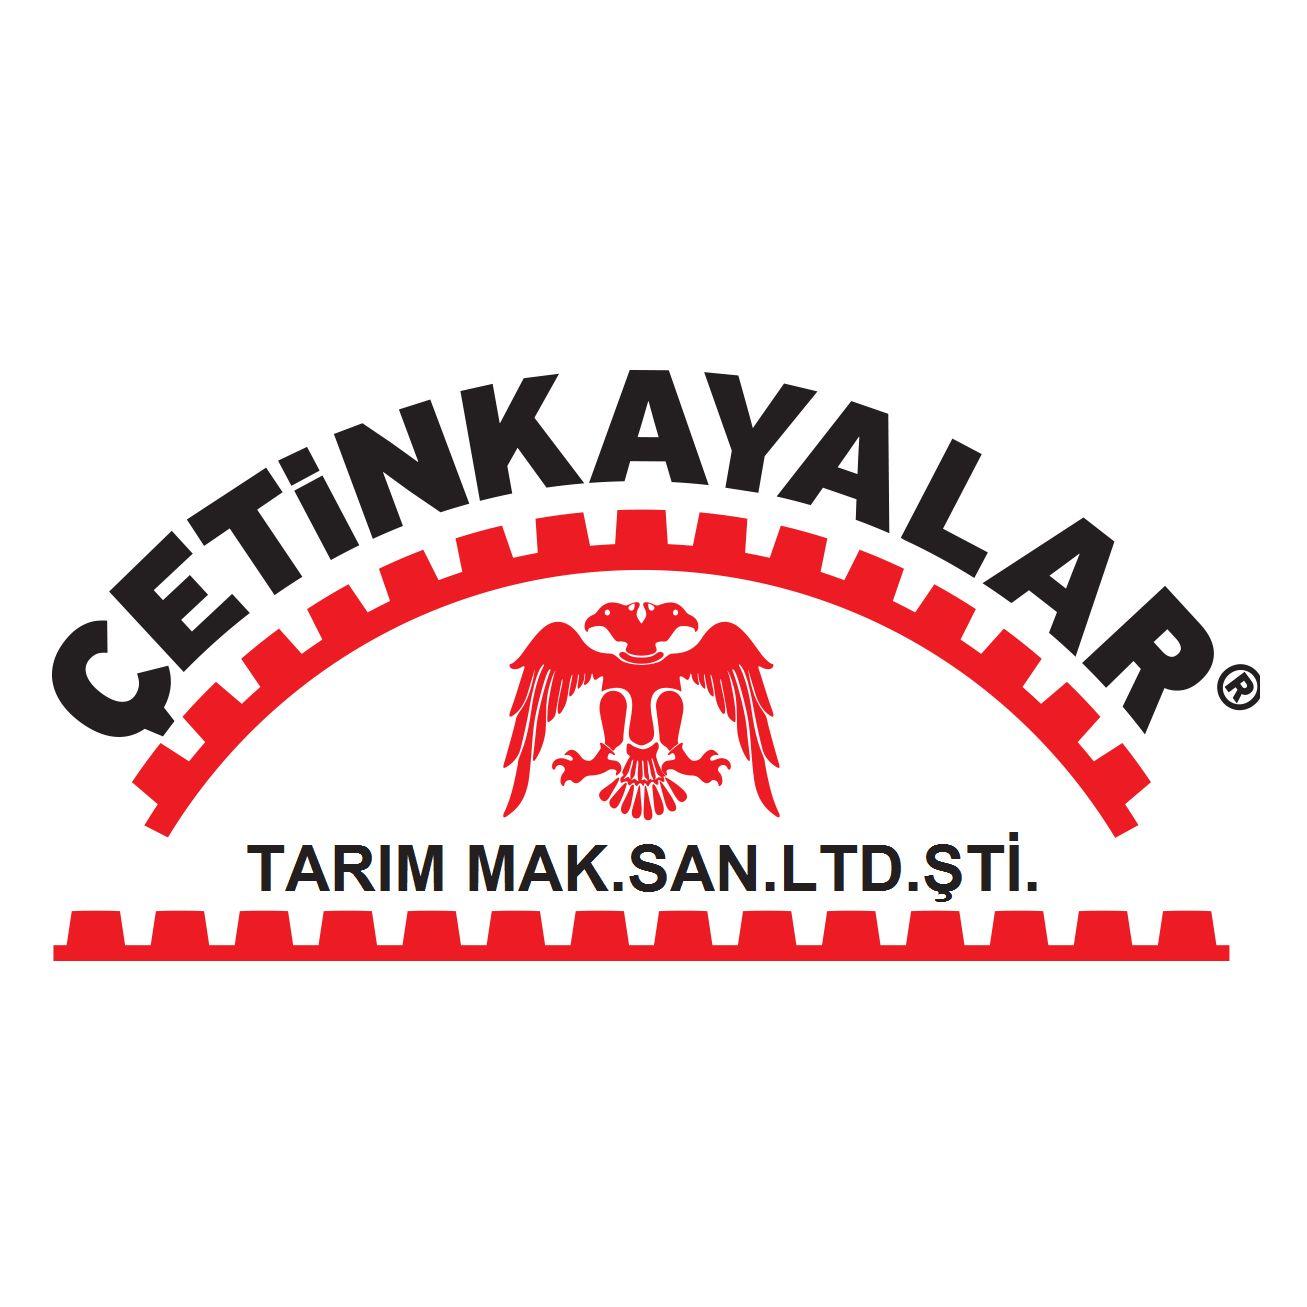 Çetinkayalar Tarım Mak. San. Ltd. Şti.